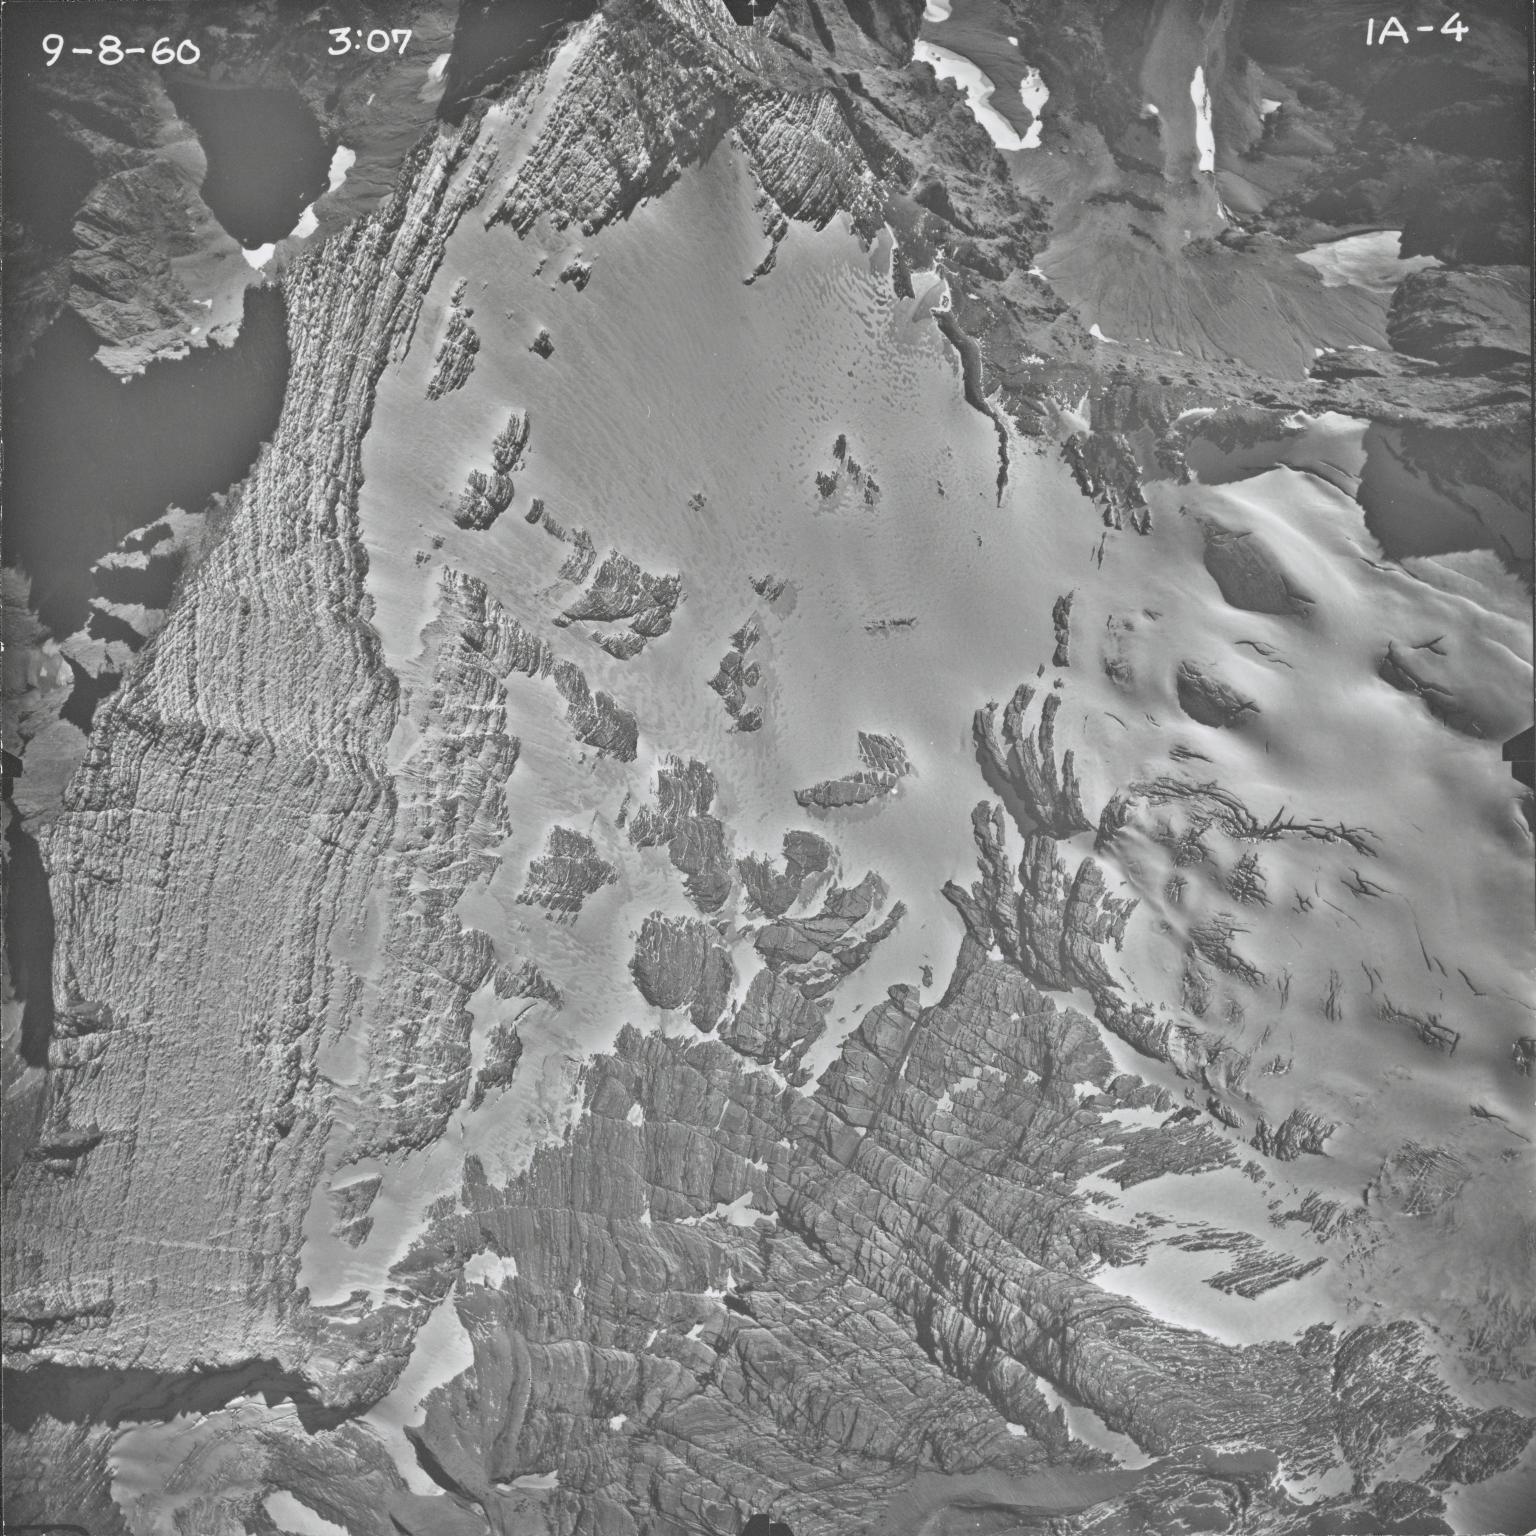 Agassiz Glacier, aerial photograph IA-4, Montana